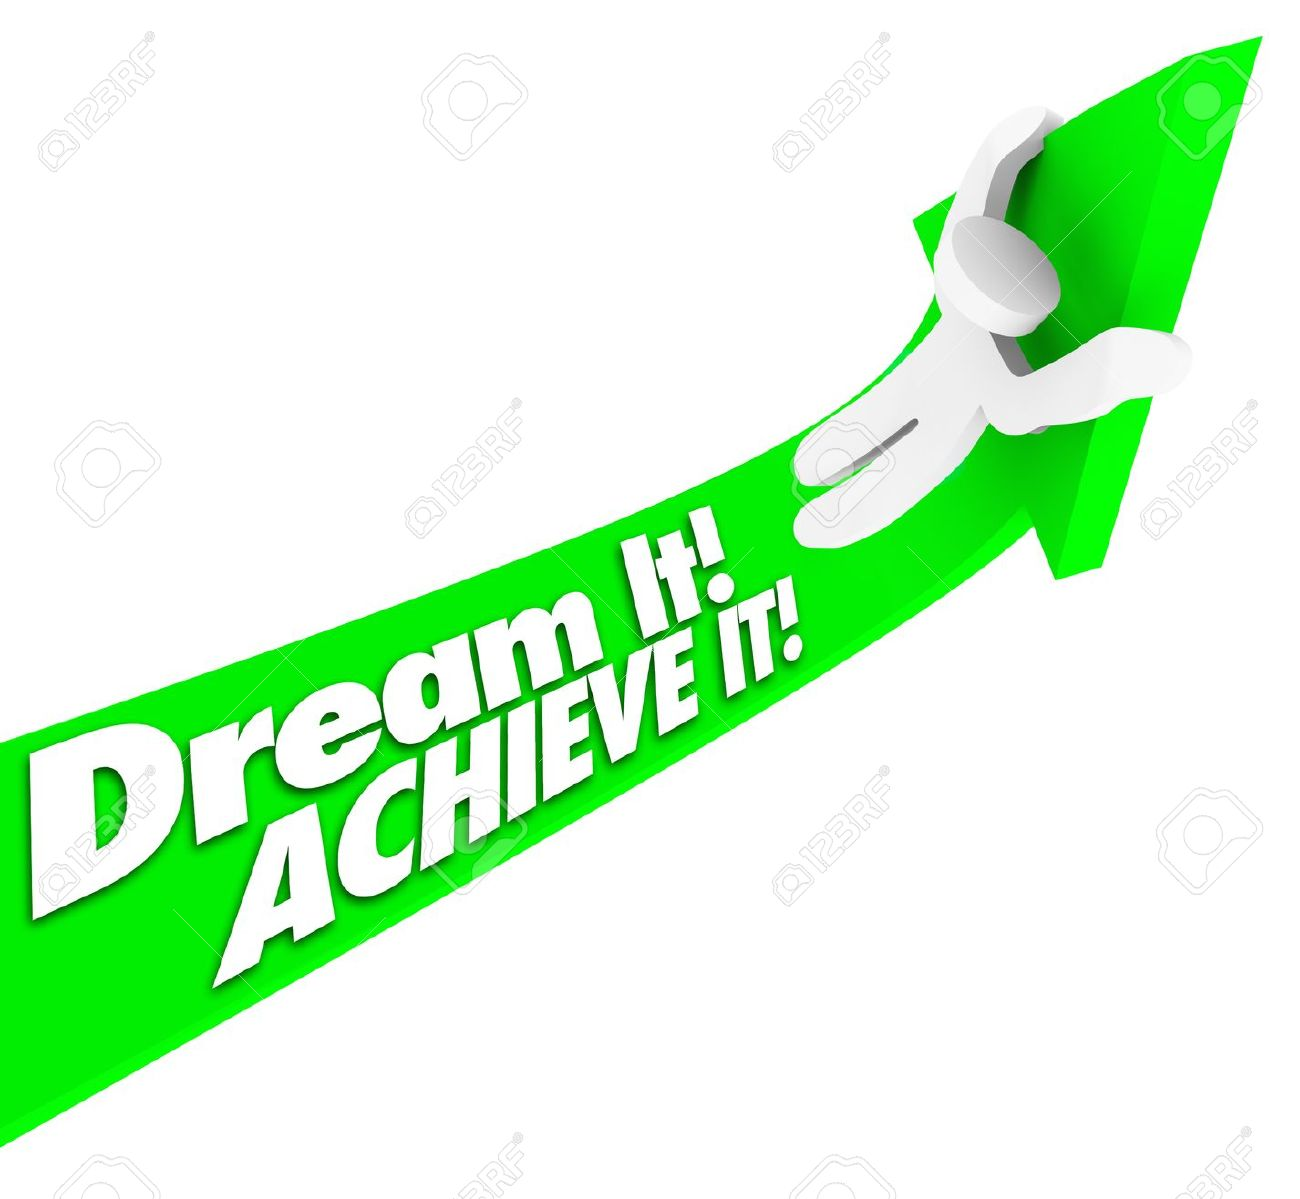 Reaching goals clipart.